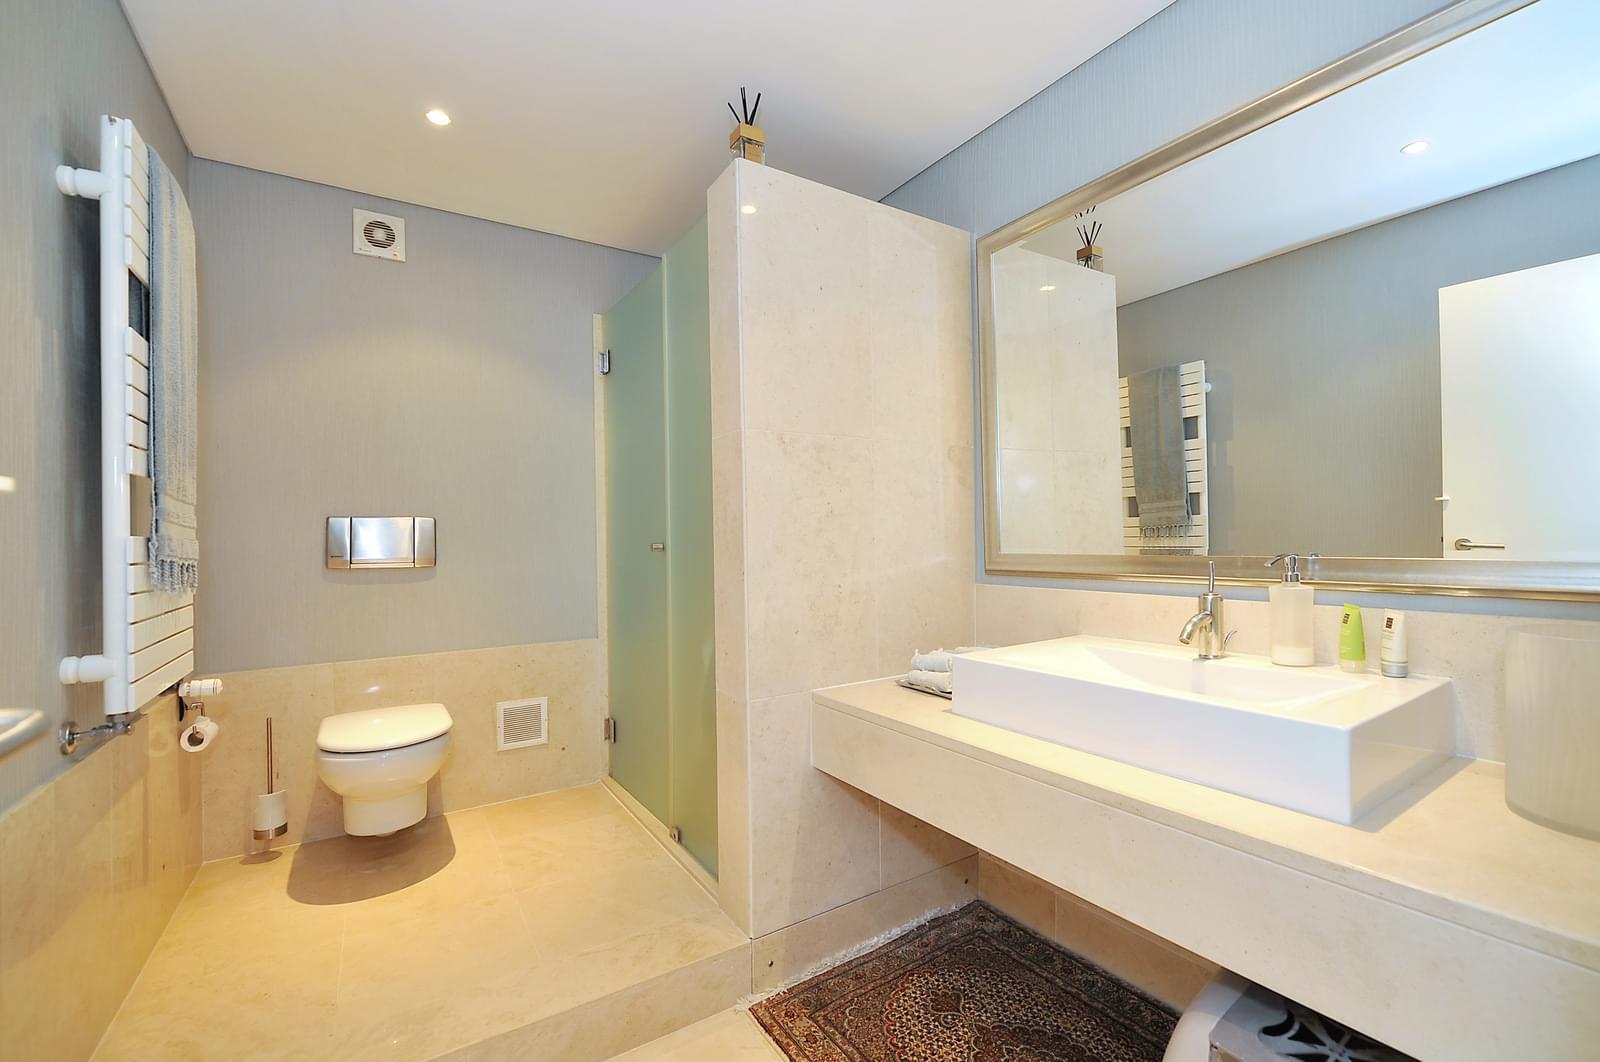 pf16896-apartamento-t4-2-oeiras-34ba1fec-7688-46c5-997d-000136834eb9